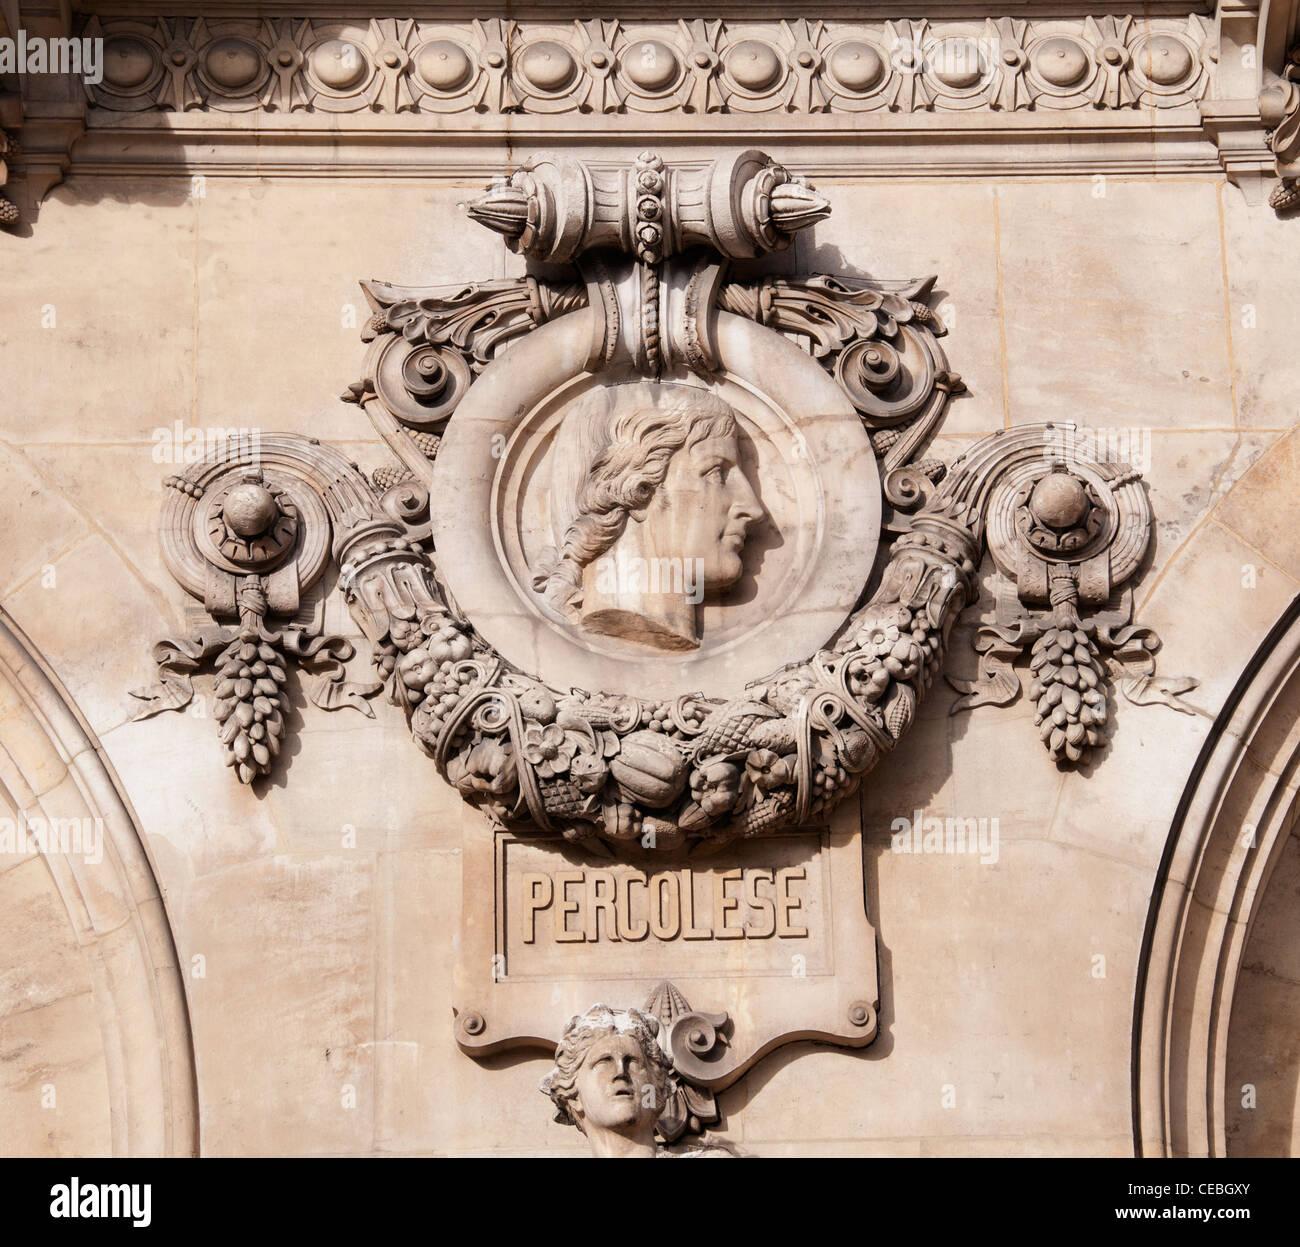 Percolese composer Opera Paris The Palais Garnier art - Stock Image